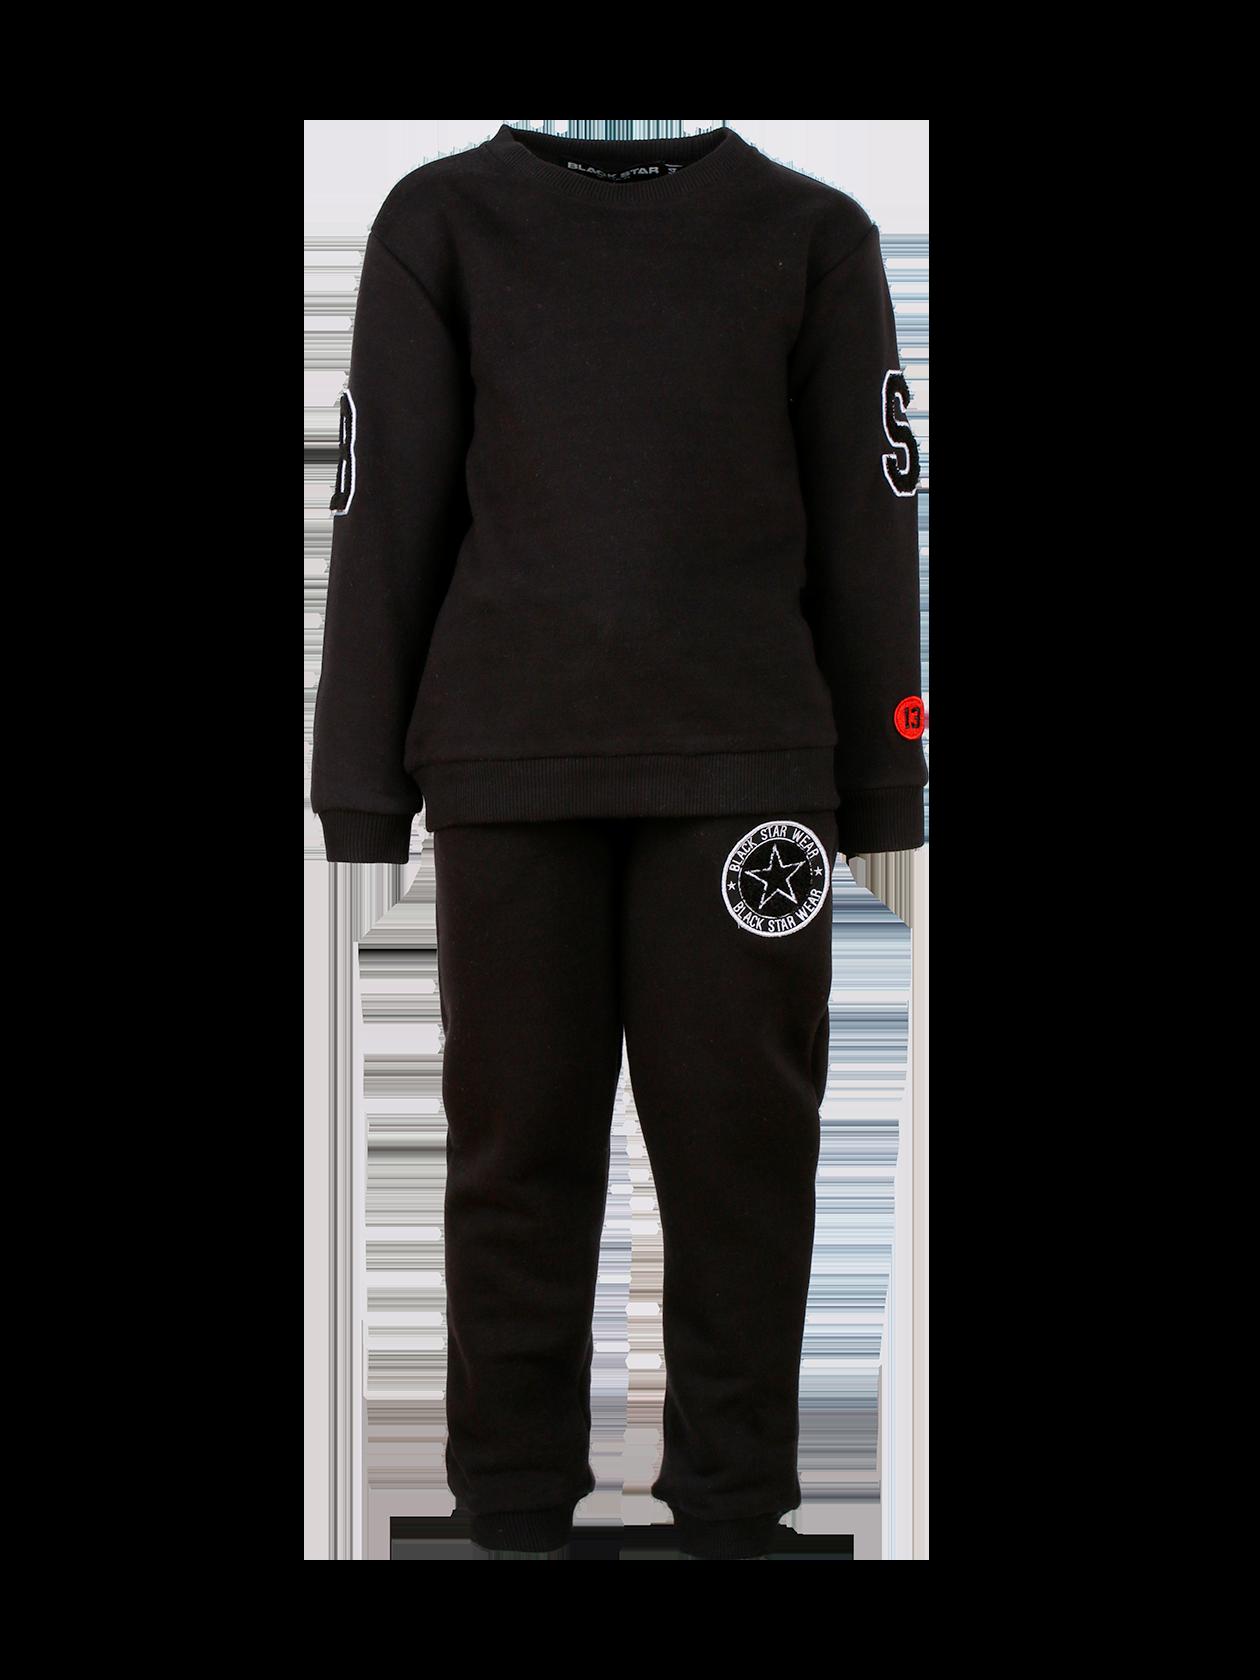 Костюм спортивный детский TAFT KIDSКостюм спортивный детский Taft Kids – практичная и удобная вещь в гардеробе активных детей. Лаконичный дизайн, прямой свободный крой создаст максимальный комфорт в процессе носки. Свитшот удлиненного силуэта с буквенными нашивками BS и цифрой 13 в красном круге на рукавах. Эластичная горловина оптимальной глубины с жаккардовым лейблом внутри. Брюки заужены к низу, обладают небольшим припуском и внутренними боковыми карманами. На левой штанине круглая нашивка с символикой и надписями Black Star Wear. Комплект представлен в базовом черном цвете, сшит из мягкого и износостойкого футера.<br><br>Размер: 1-2 years<br>Цвет: Черный<br>Пол: Унисекс